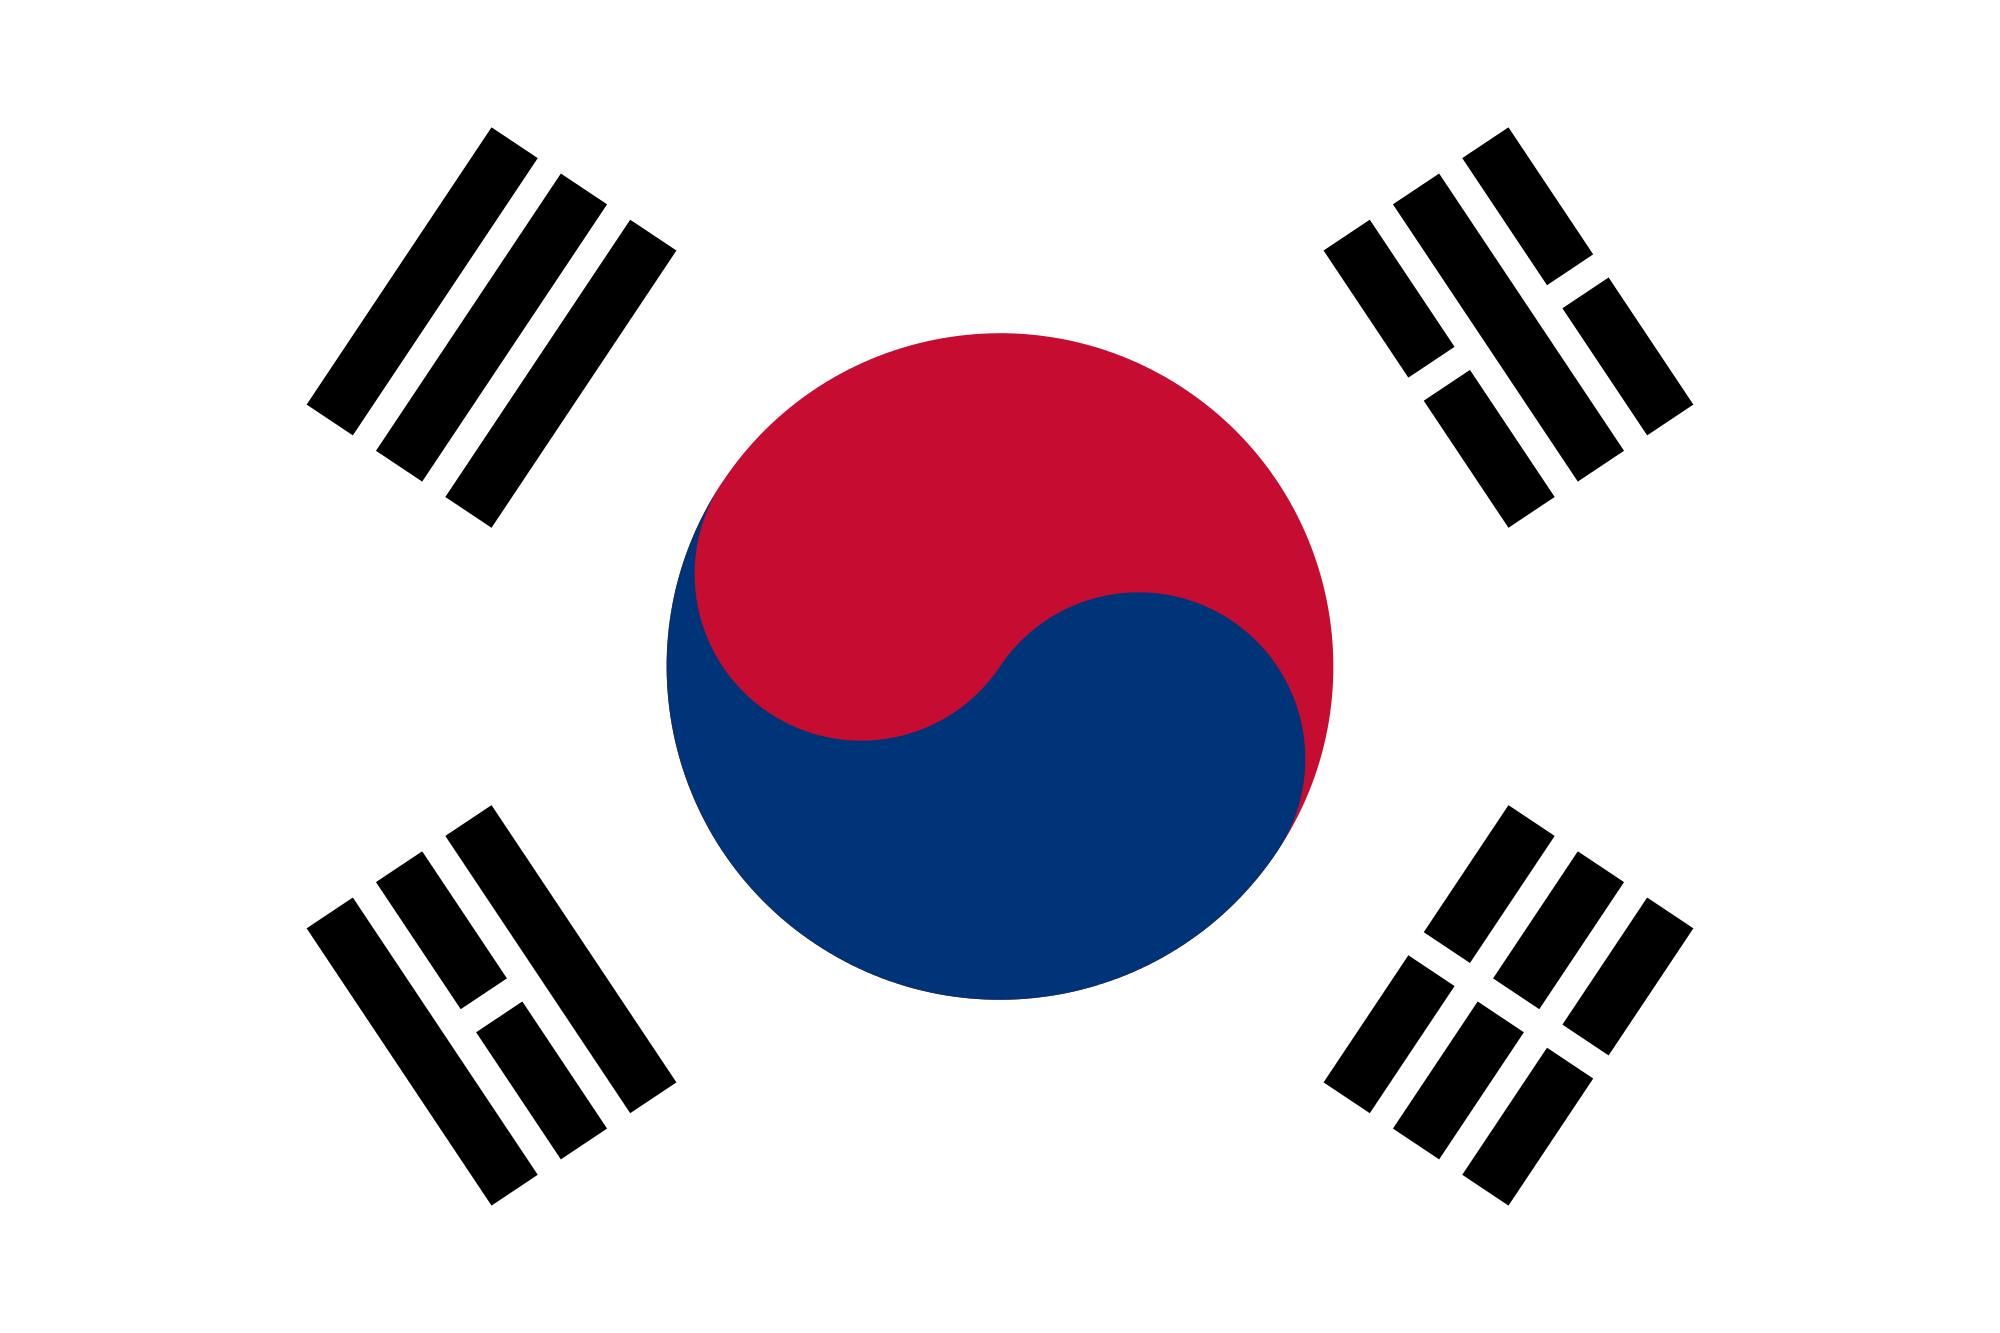 Corea del Sud - South Korea | Korean flag, South korean flag, South korea flag